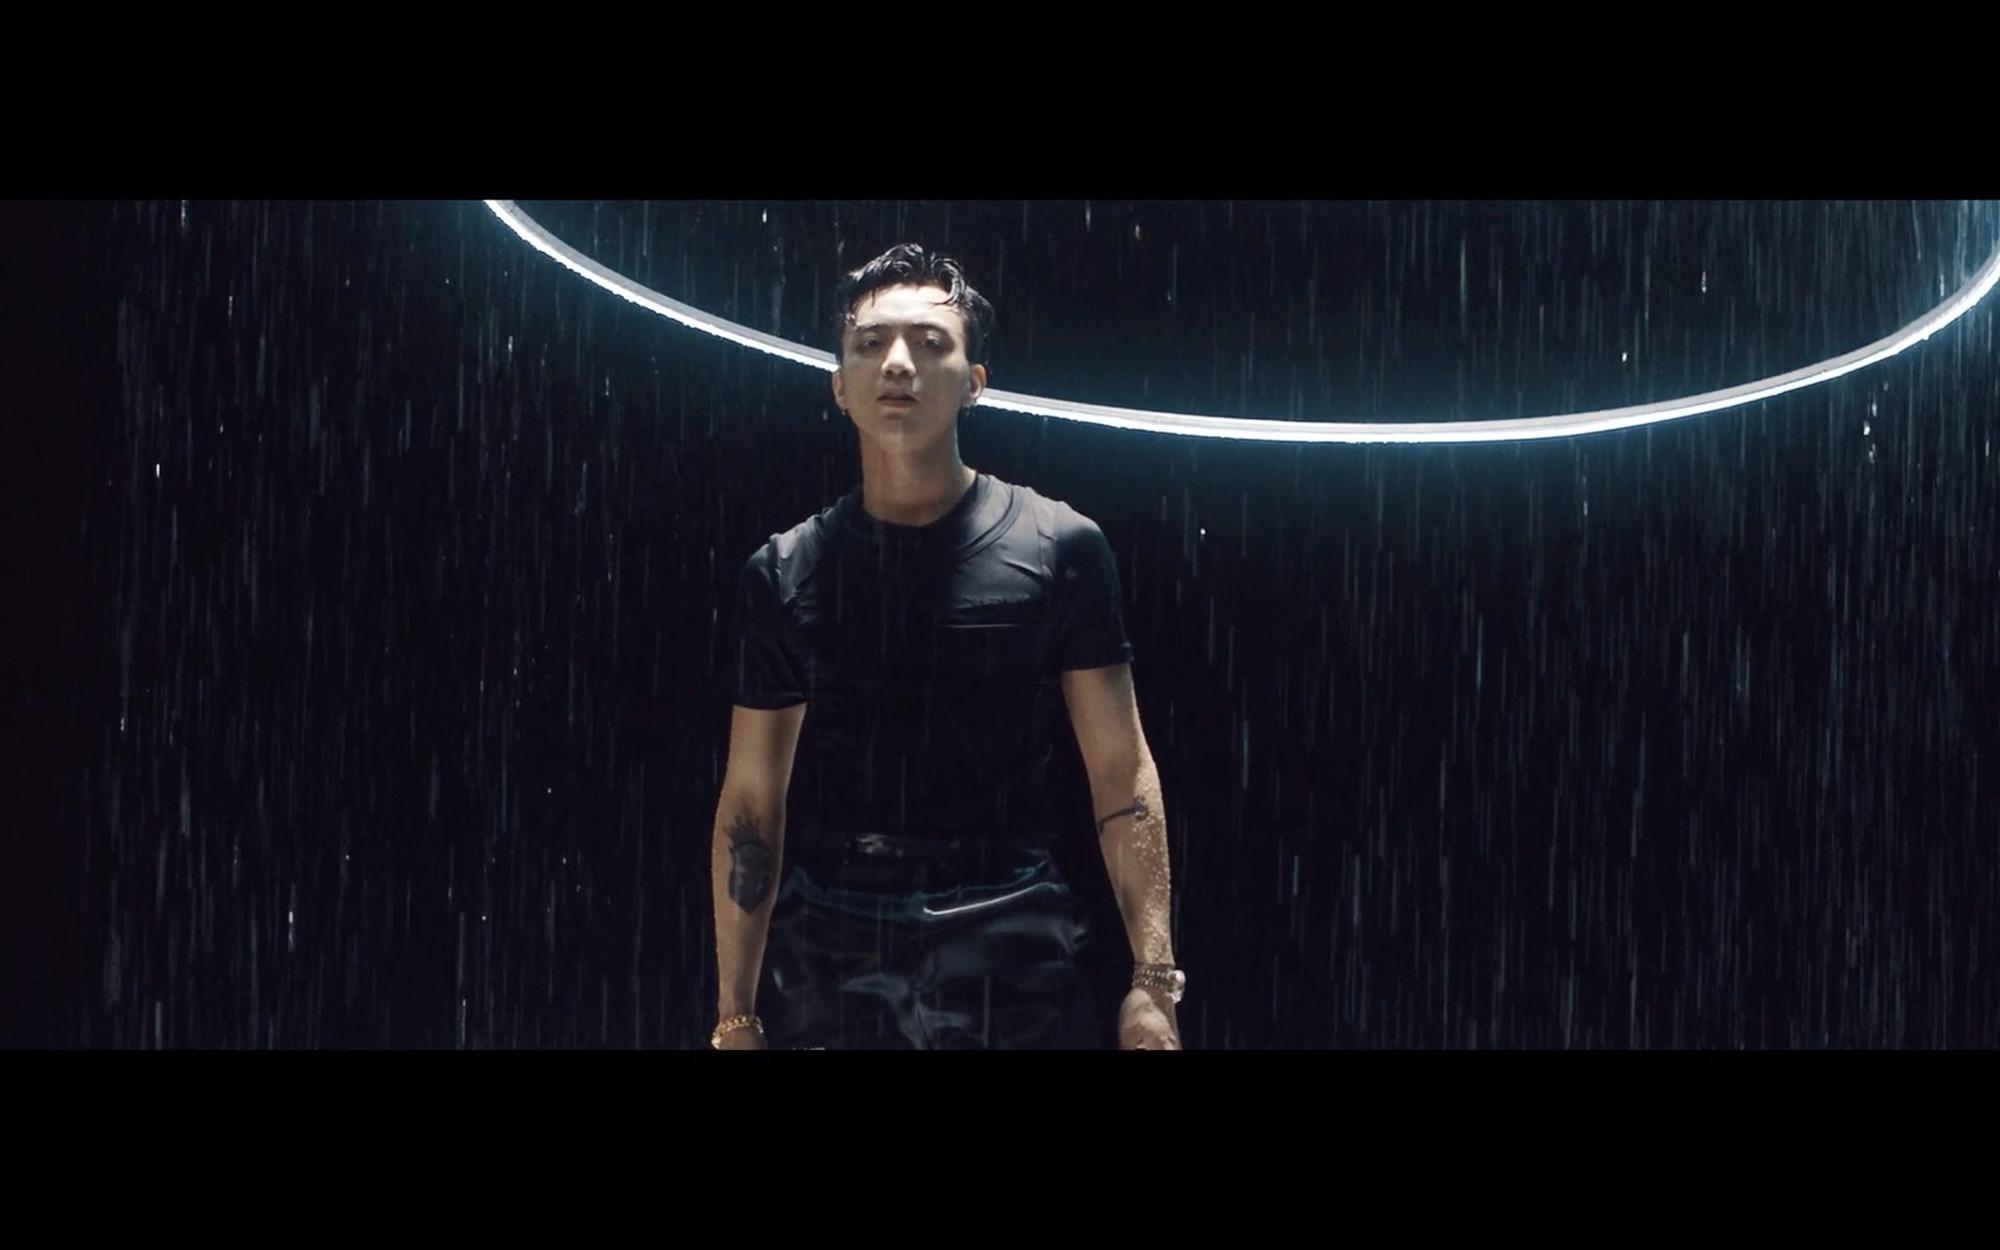 """Soobin khoe khéo body 6 múi trong MV """"Trò Chơi"""", fan đua nhau xỉu lên xỉu xuống - Ảnh 5."""